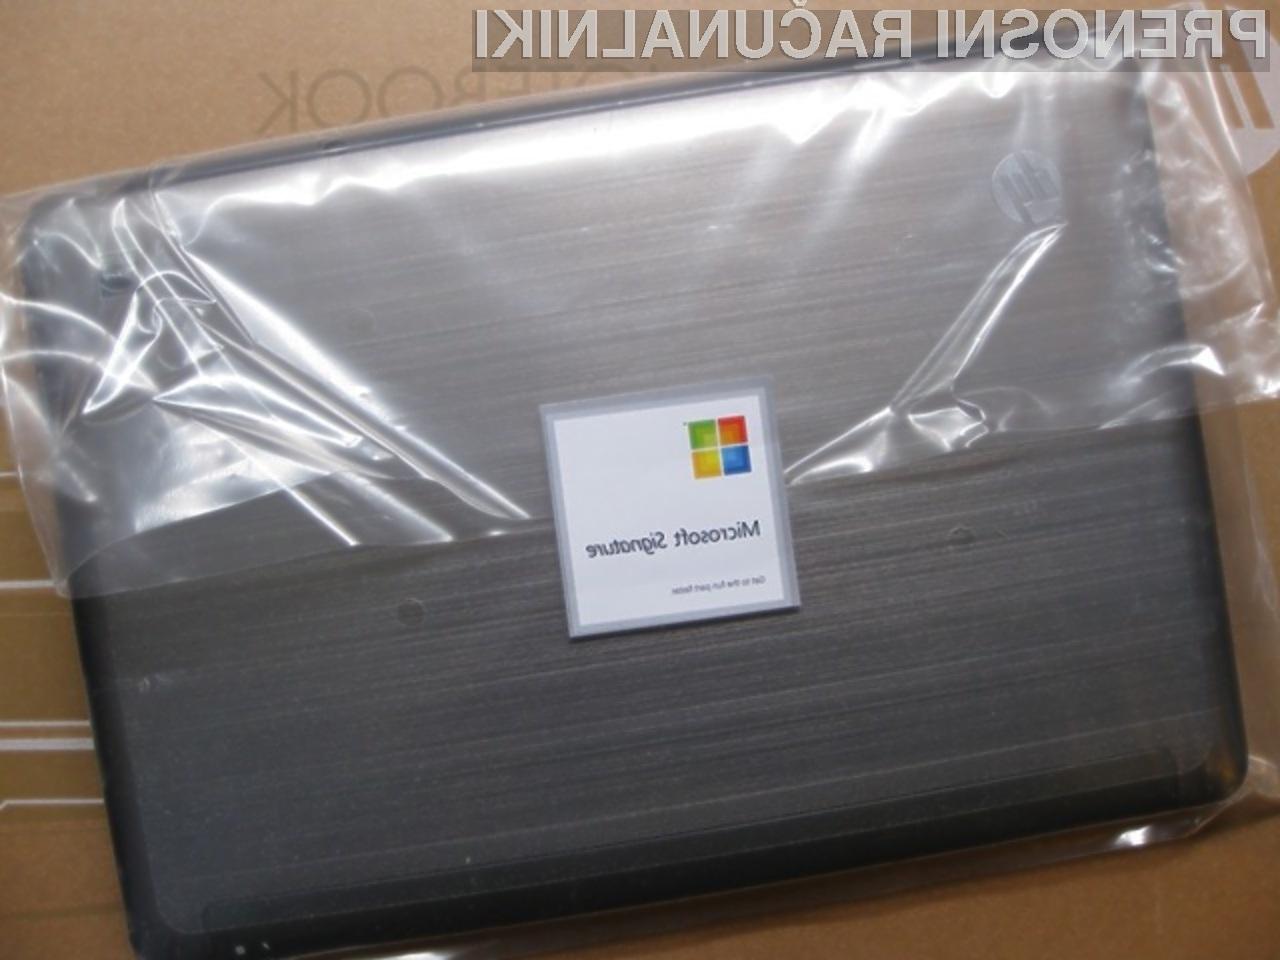 S certifikatom Microsoft Signature bodo opremljeni le najboljši računalniški sistemi.